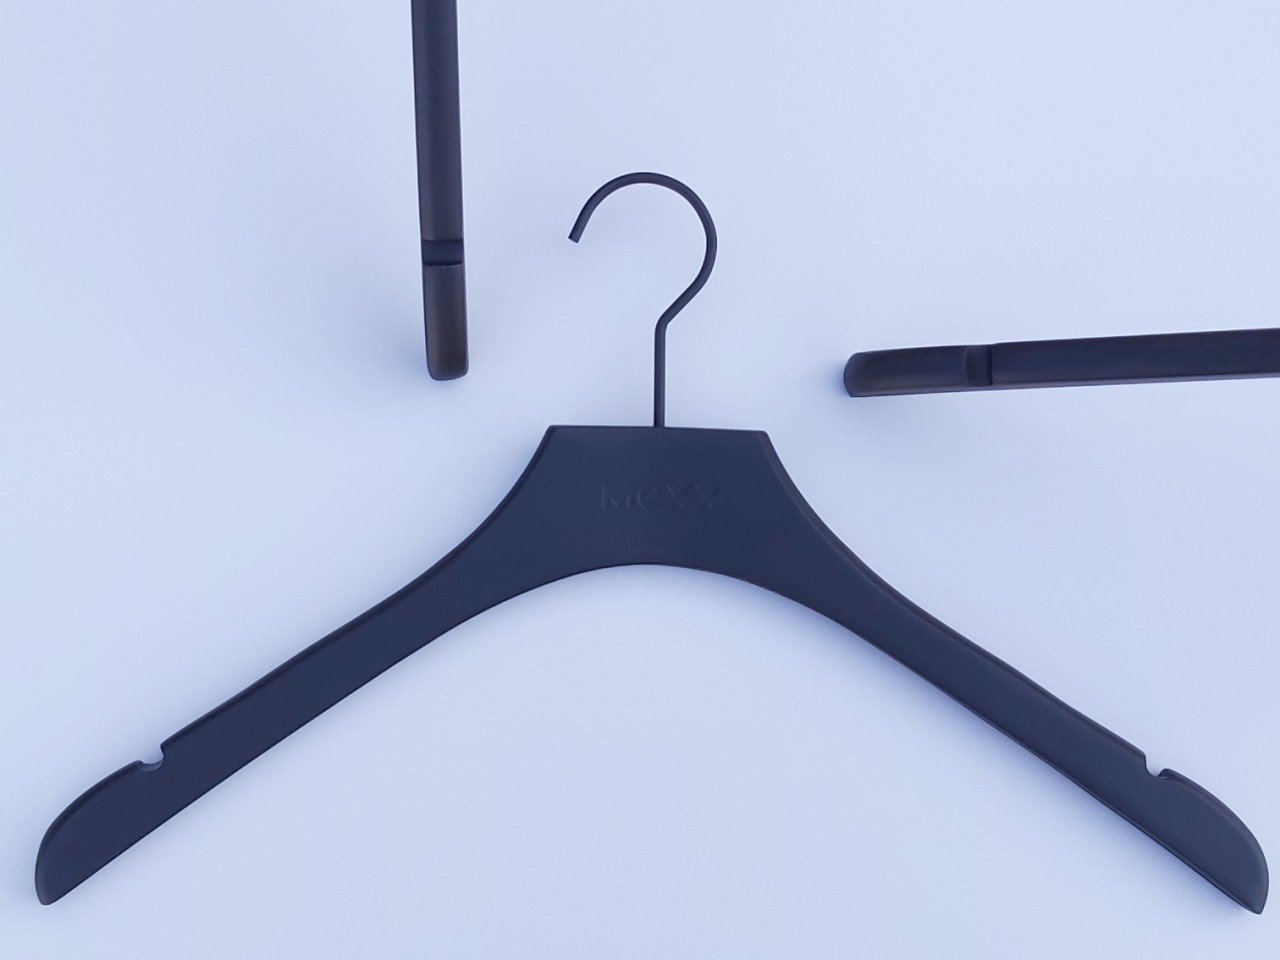 Плечики длиной 42 см вешалки деревянные Mexx матового-черного цвета с вырезами для бретелей